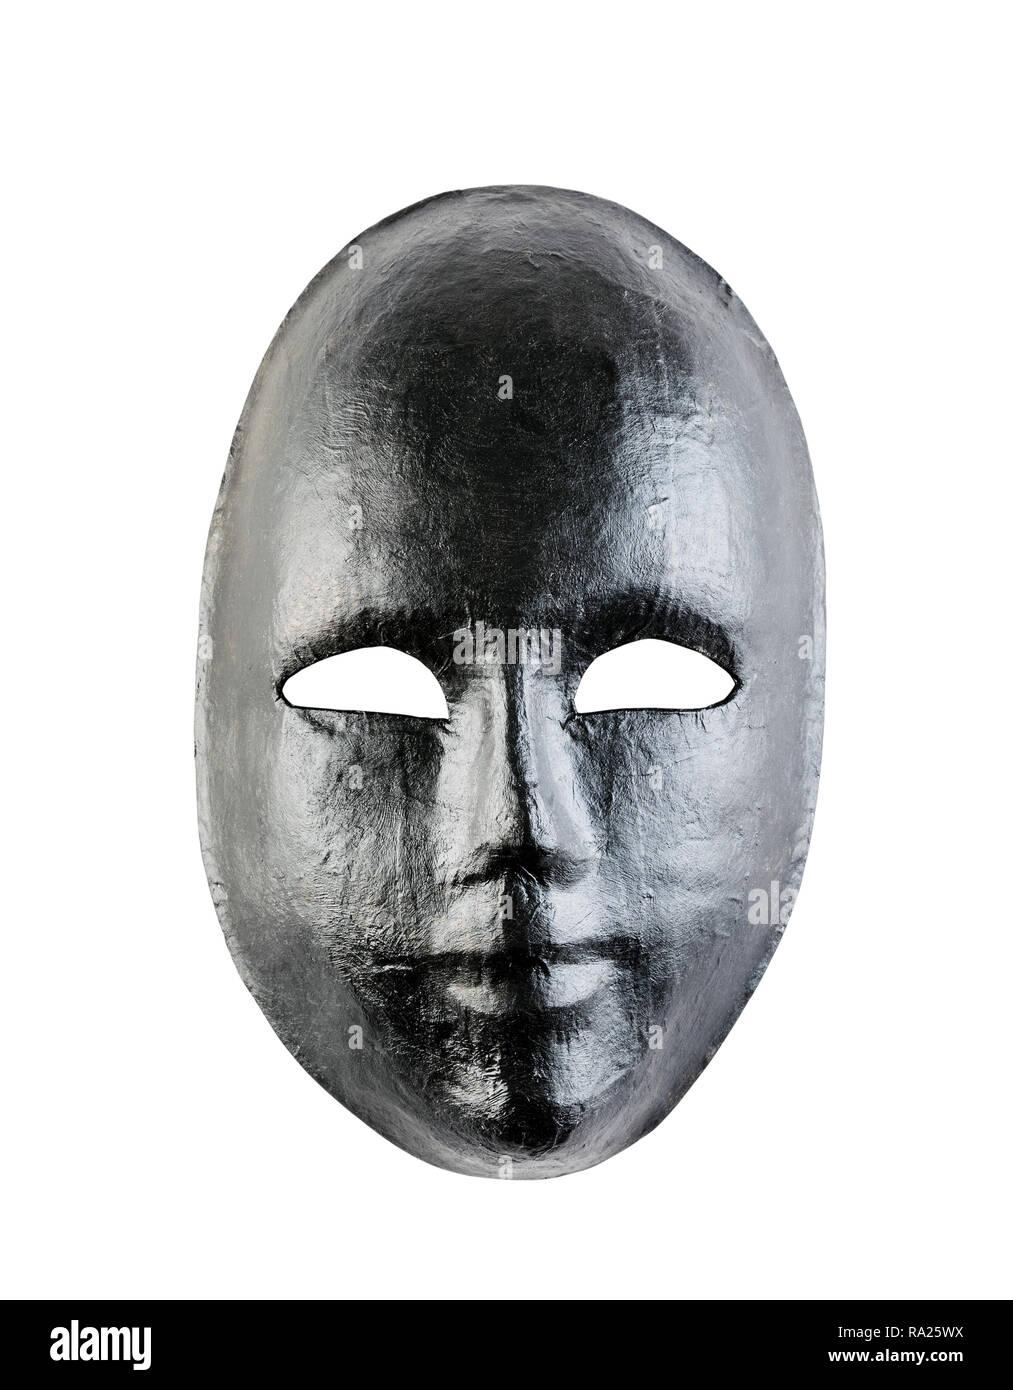 Black mask isolated on white background - Stock Image